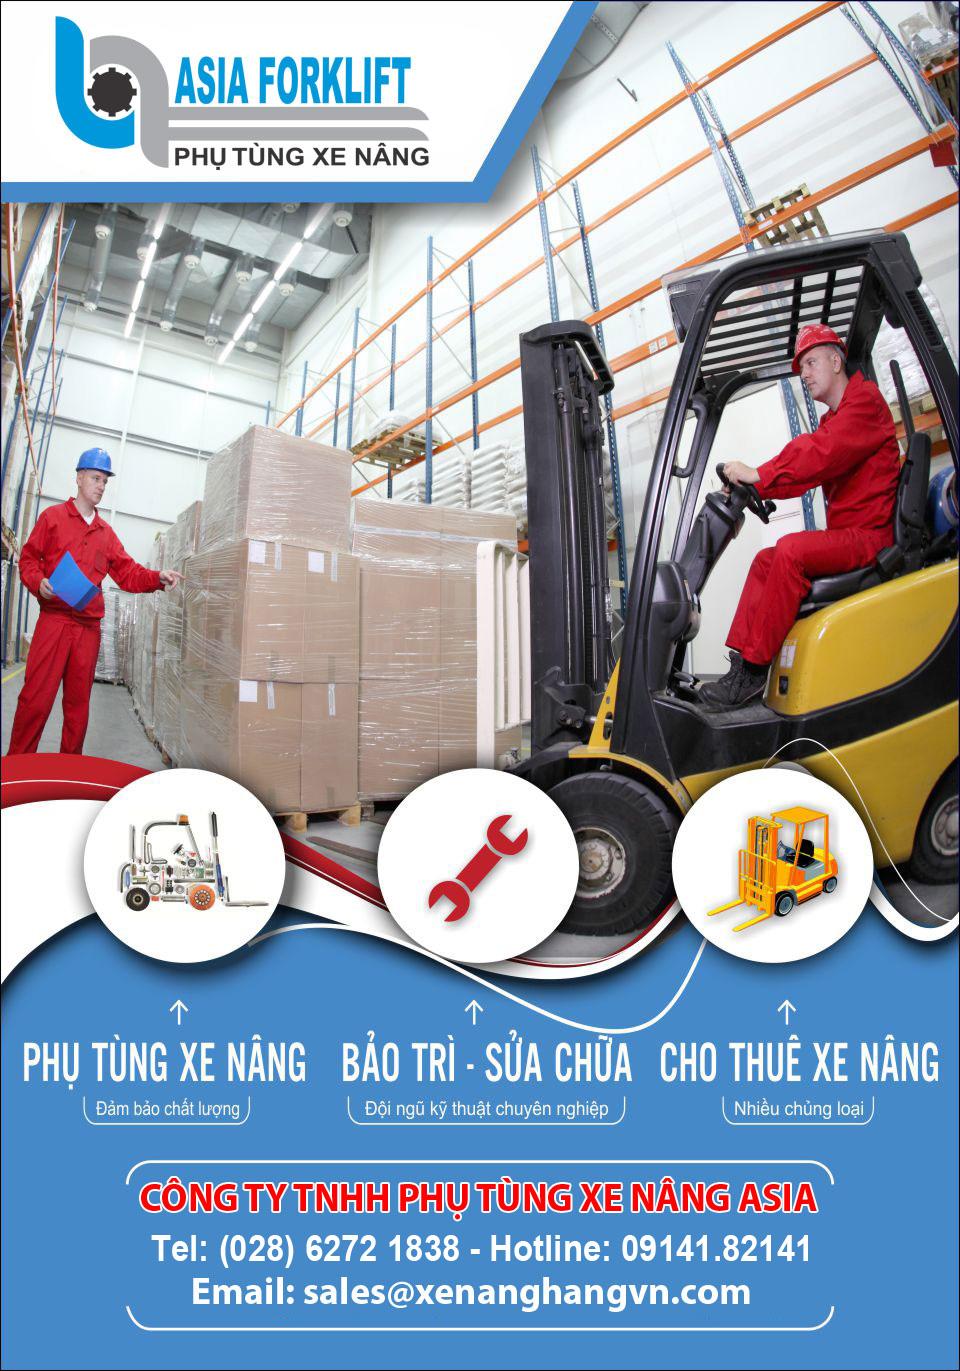 Công ty TNHH phụ tùng xe nâng Asia